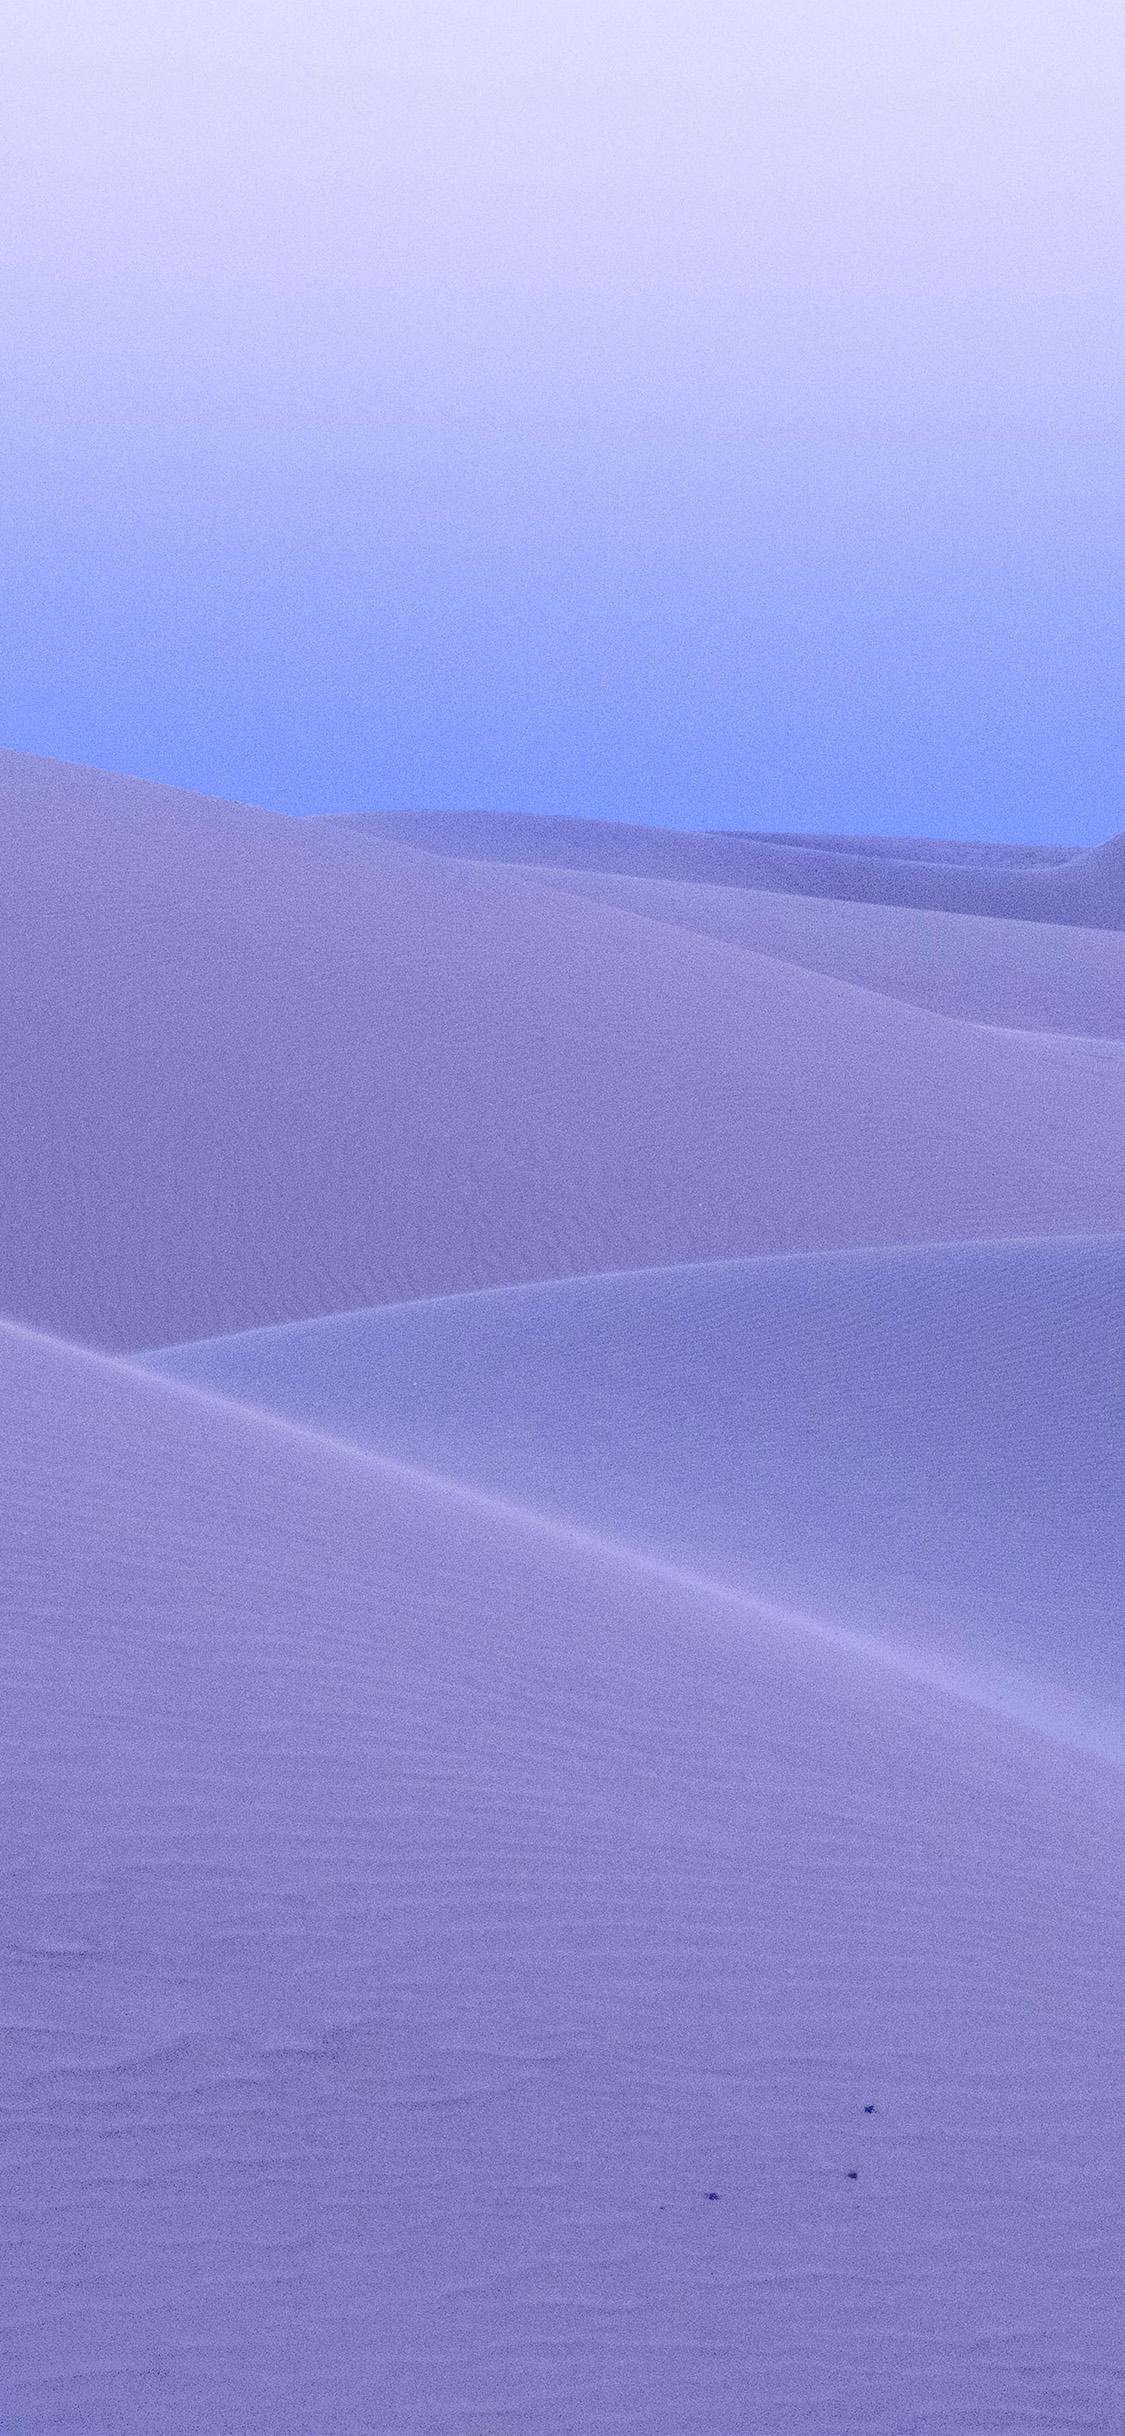 iPhonexpapers.com-Apple-iPhone-wallpaper-nz24-dessert-blue-mountain-nature